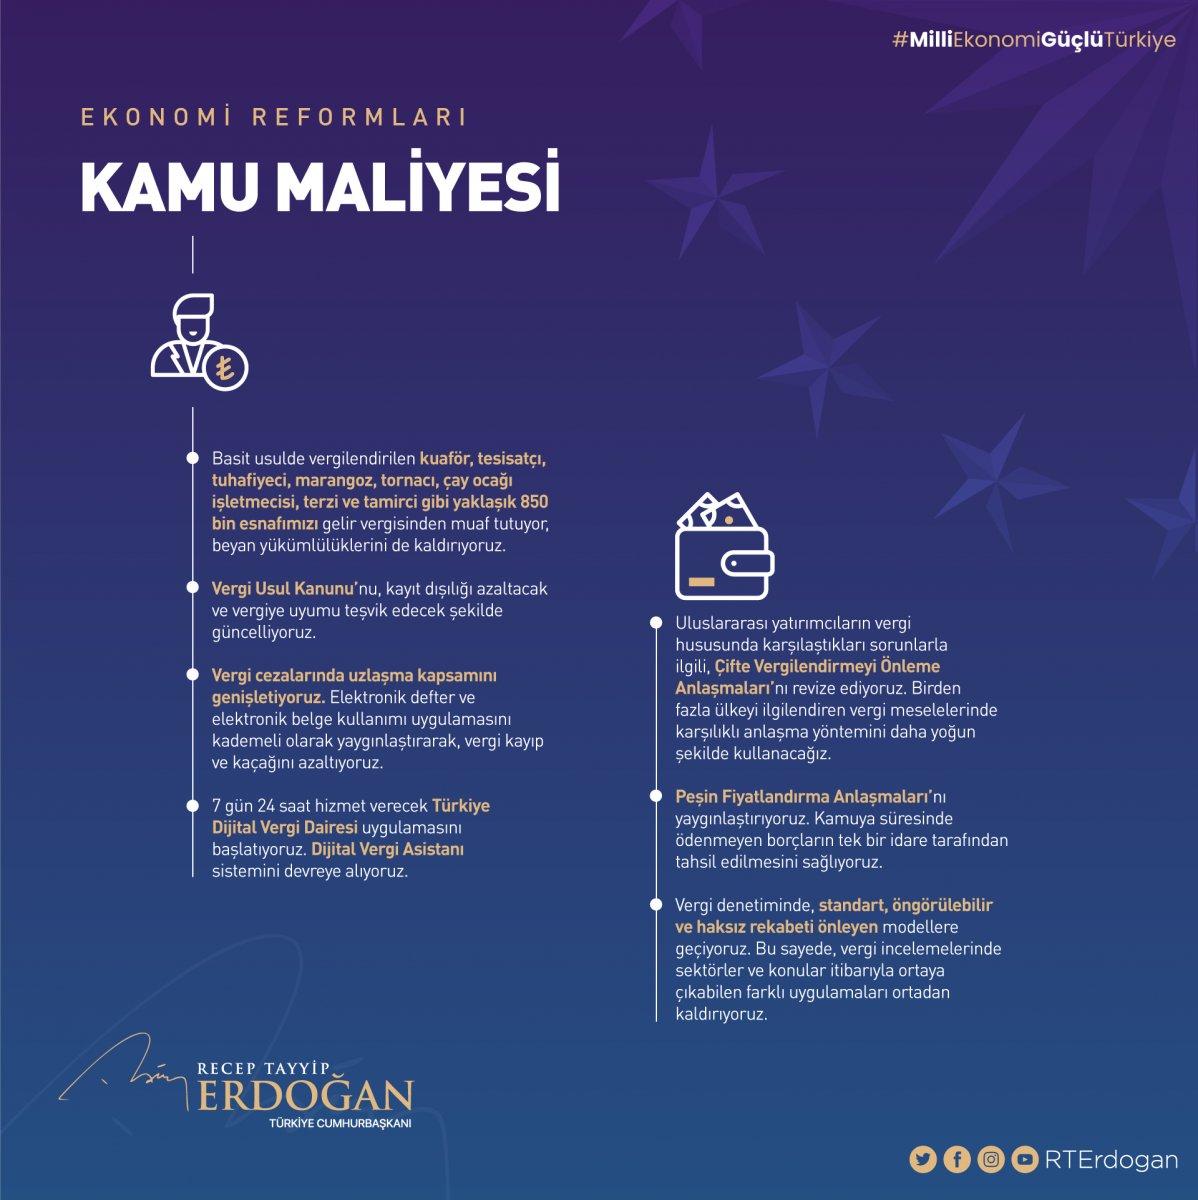 Cumhurbaşkanı Erdoğan ın açıkladığı ekonomi reformu paketi #17